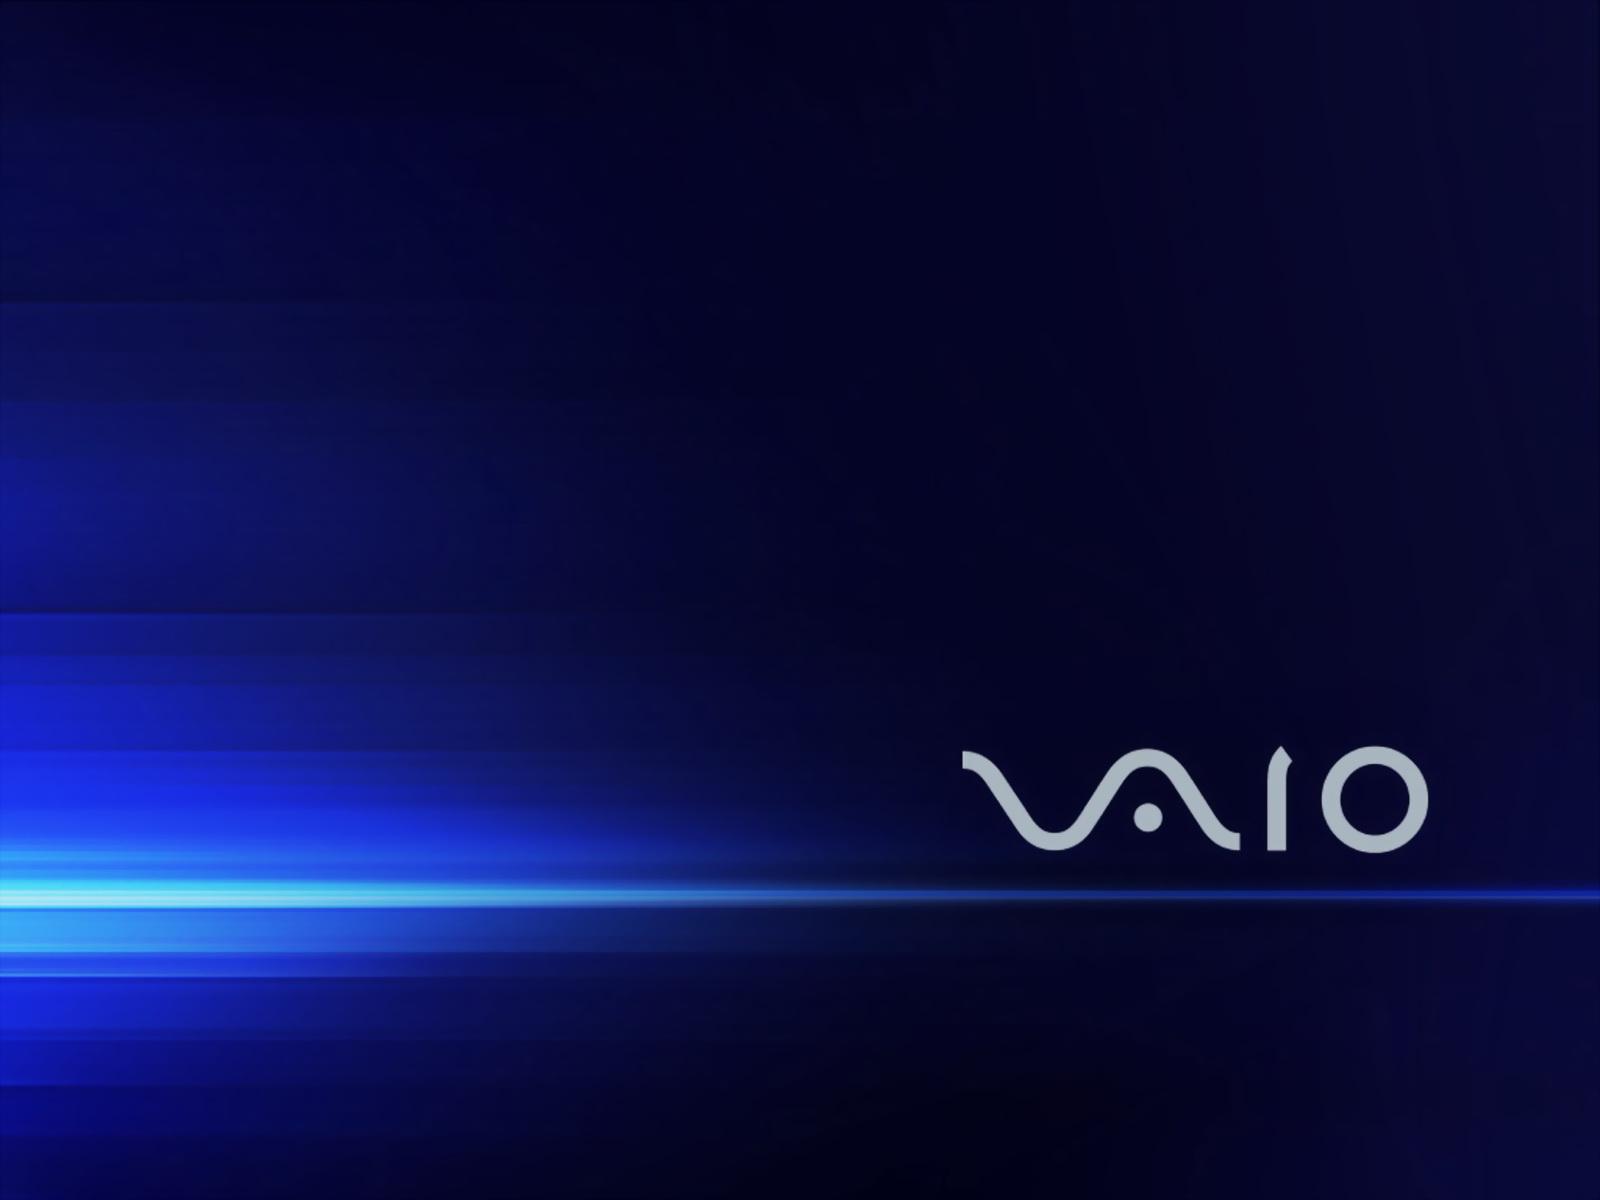 http://4.bp.blogspot.com/-b11Wsjm-2_4/ThXRYS2i9cI/AAAAAAAAAAw/Kf-GatDP8q8/s1600/vaio+wallpaper+%25286%2529.jpg